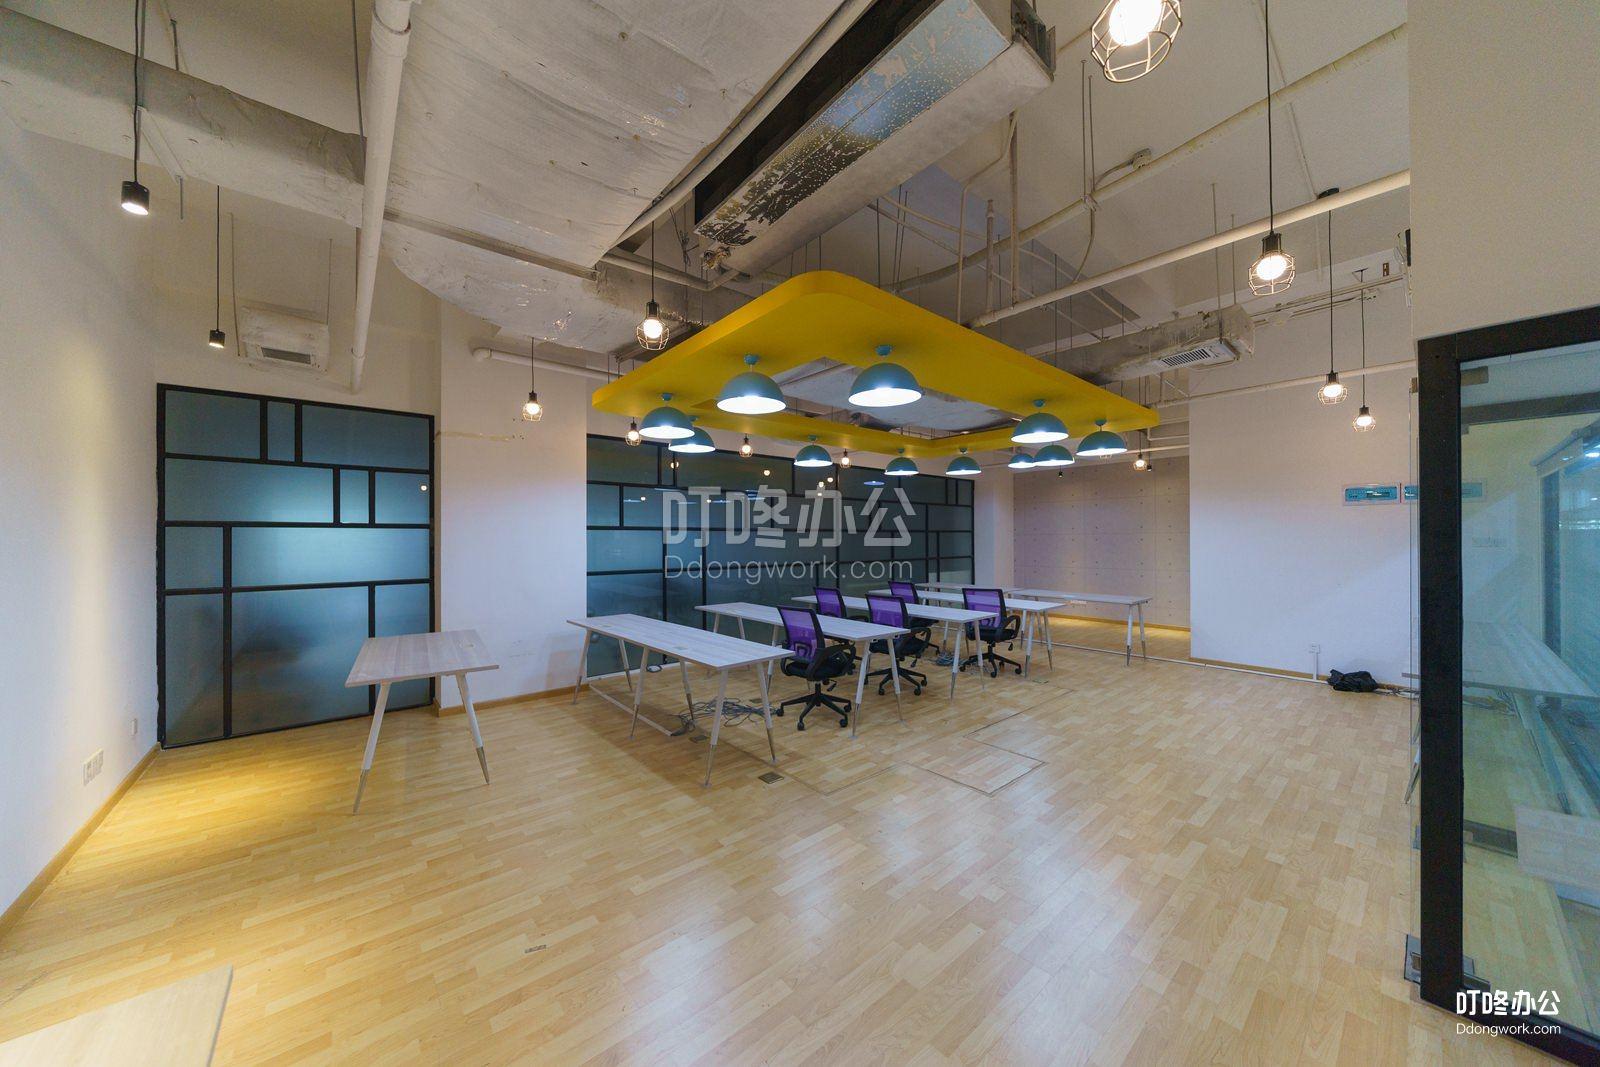 蓝马创业 · 蓝马智造园站会议室